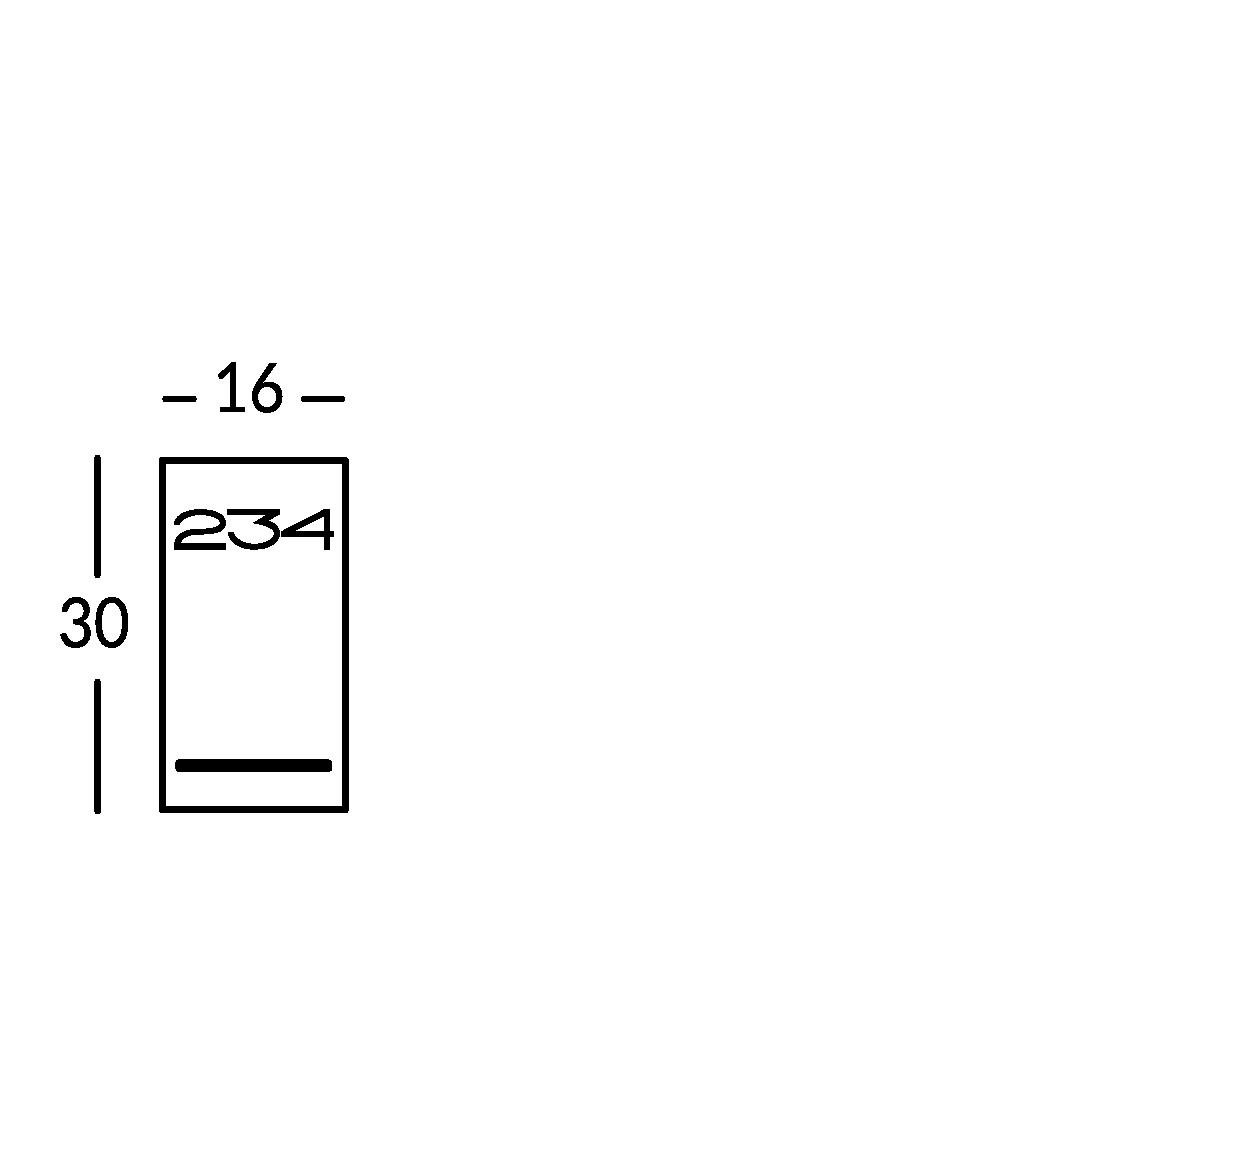 Signalétique SAVLED pour hôtel, centres d'affaires et de conférences avec éclairage Led. Combinaisons multiples avec choix de la finition en acier, laiton ou verni, plusieurs couleurs. Ajout de pictogrammes possible. Visibilité garantie!